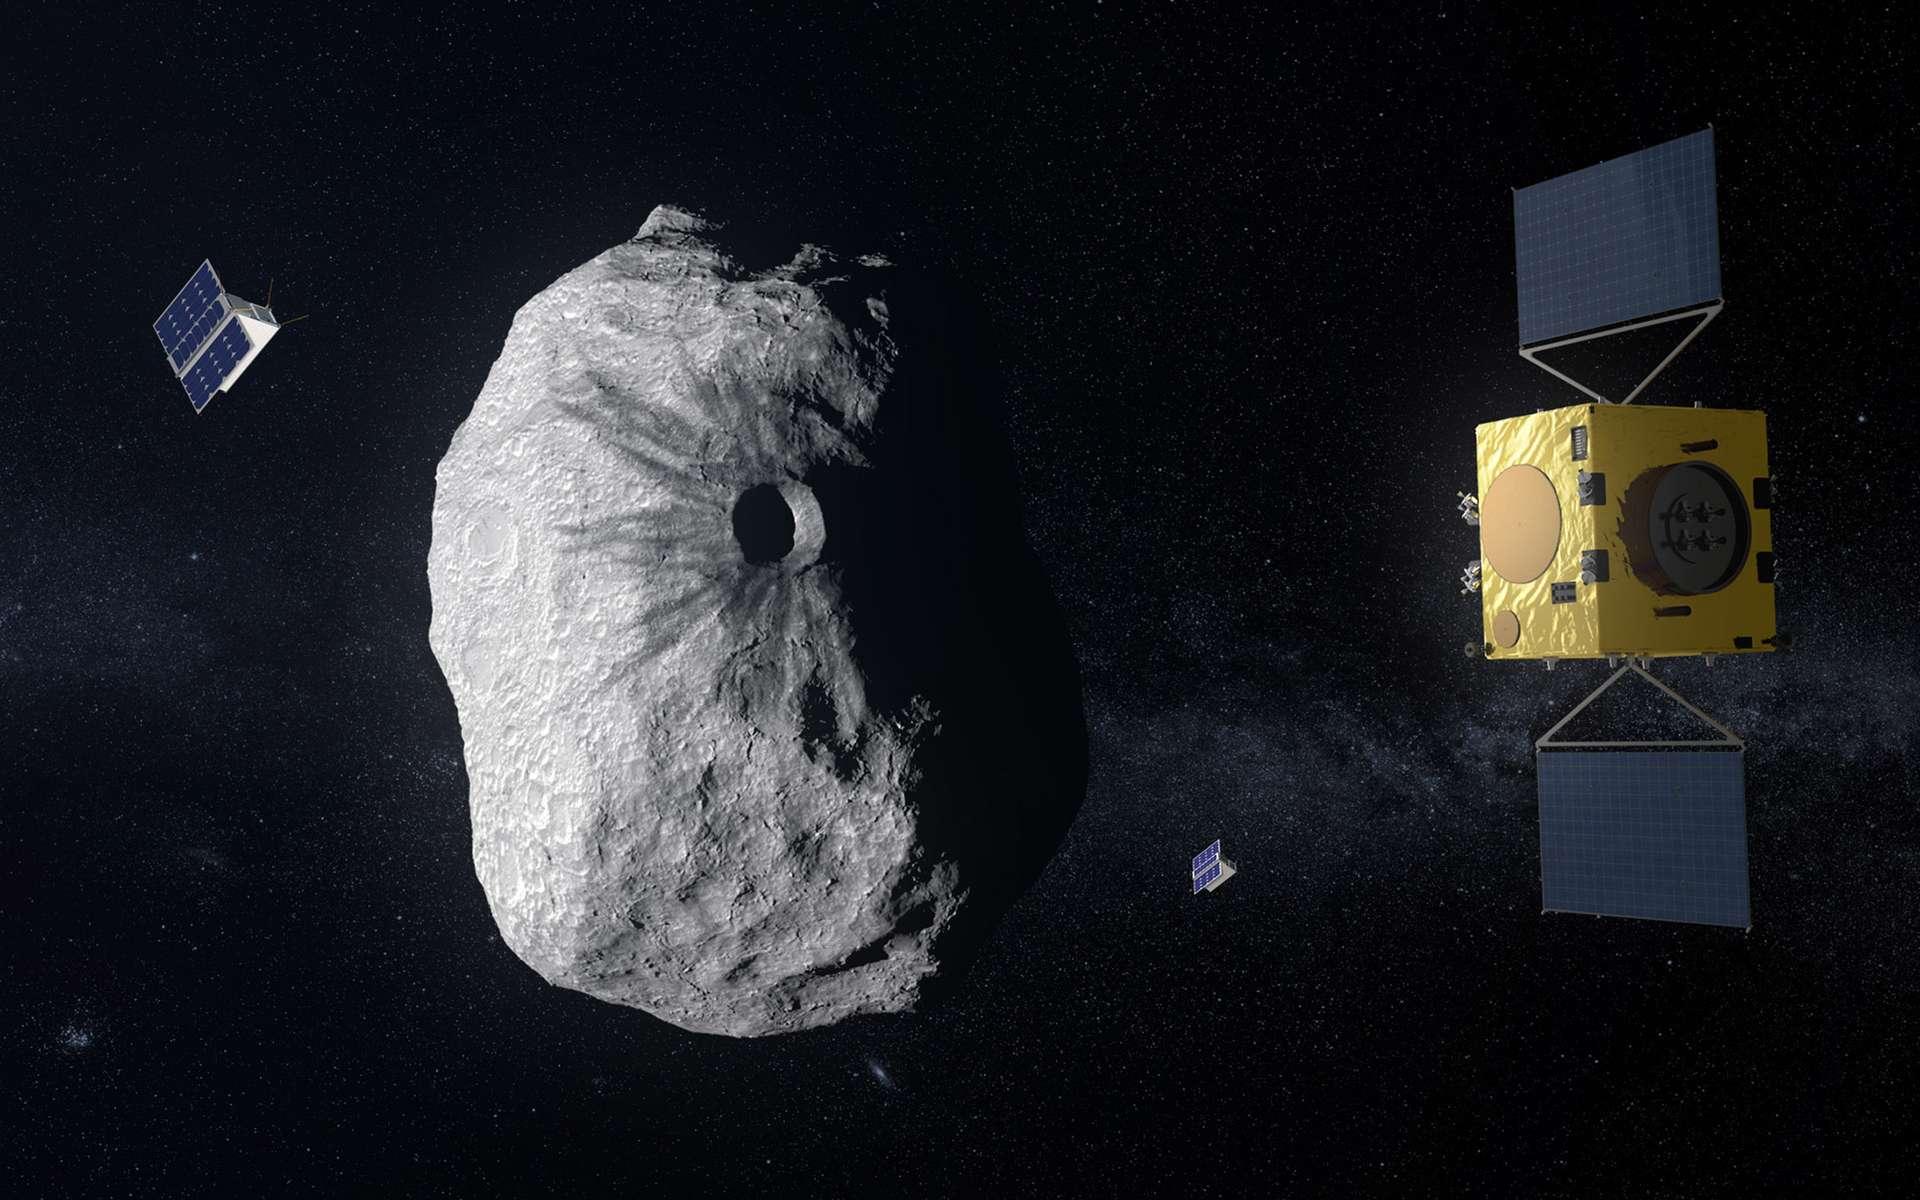 Vue d'artiste de la sonde Hera à proximité de l'astéroïde binaire Didymos et de sa petite lune (Didymoon). © ESA, Science Office